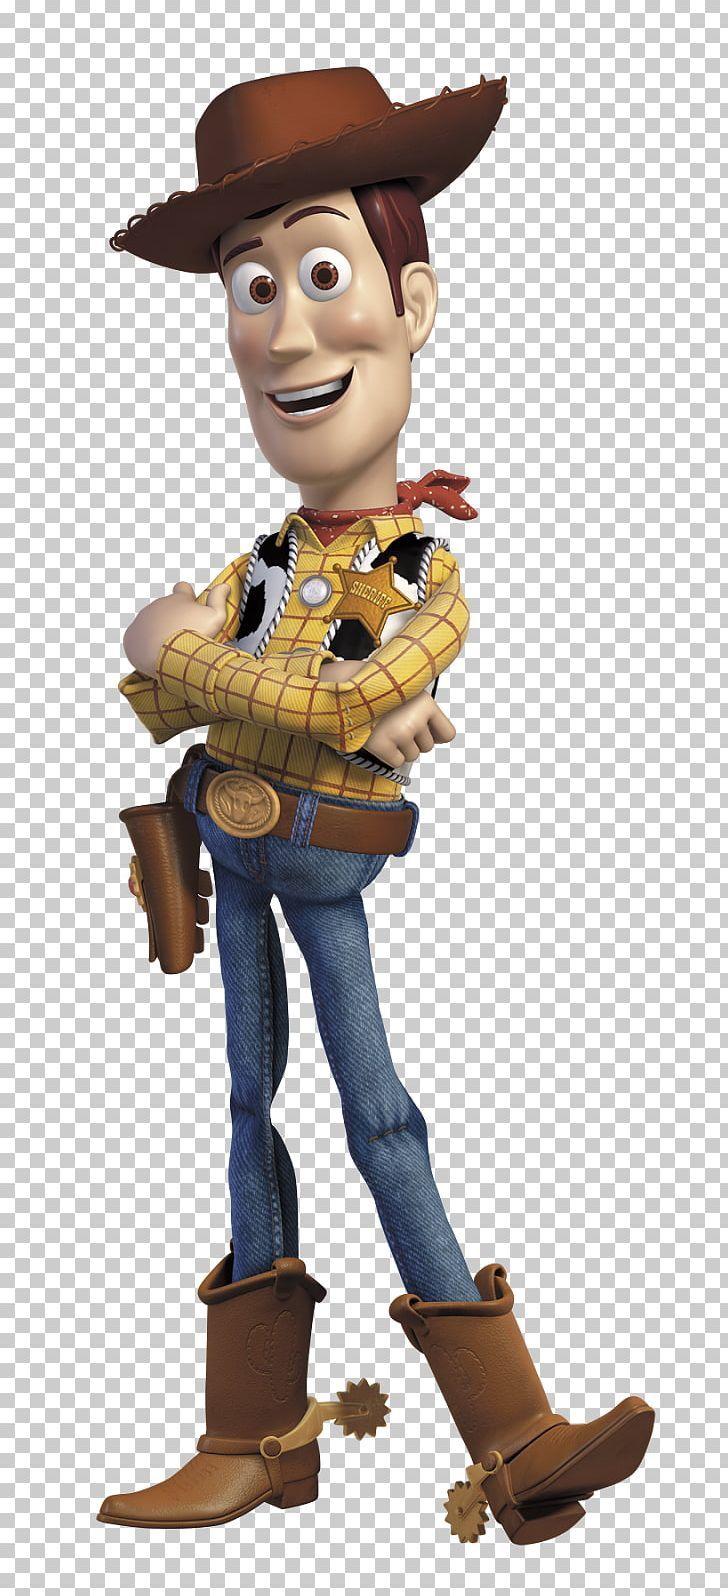 Sheriff Woody Buzz Lightyear Jessie Toy Story 3 Png Bonecos Toy Story Aniversario Toy Story Desenho Toy Story